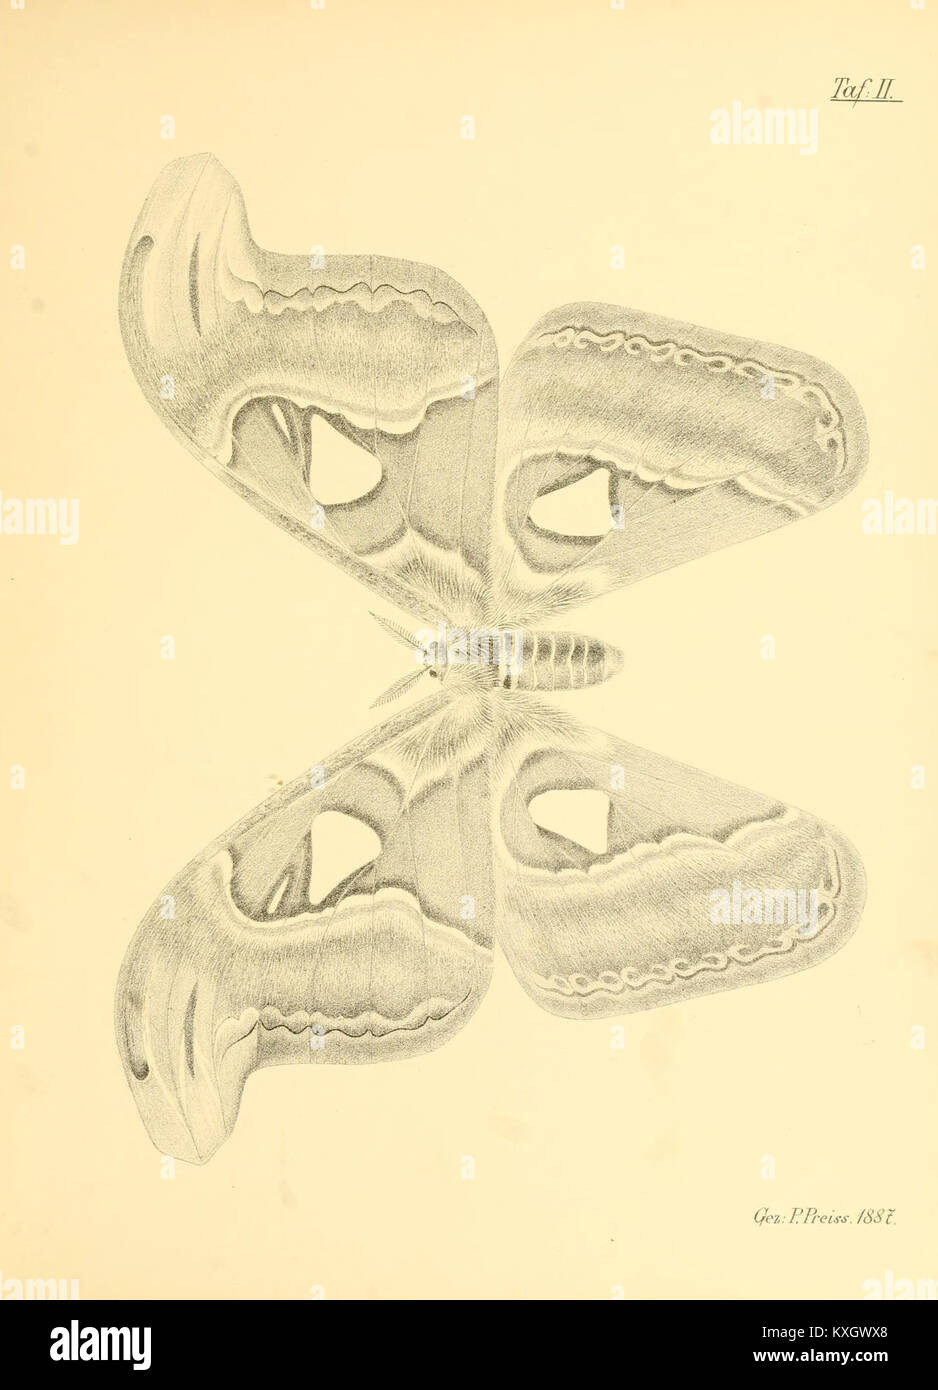 Abbildungen hervorragender Nachtschmetterlinge aus dem indo-australischen und südamerikanischen Faunengebiet - Stock Image